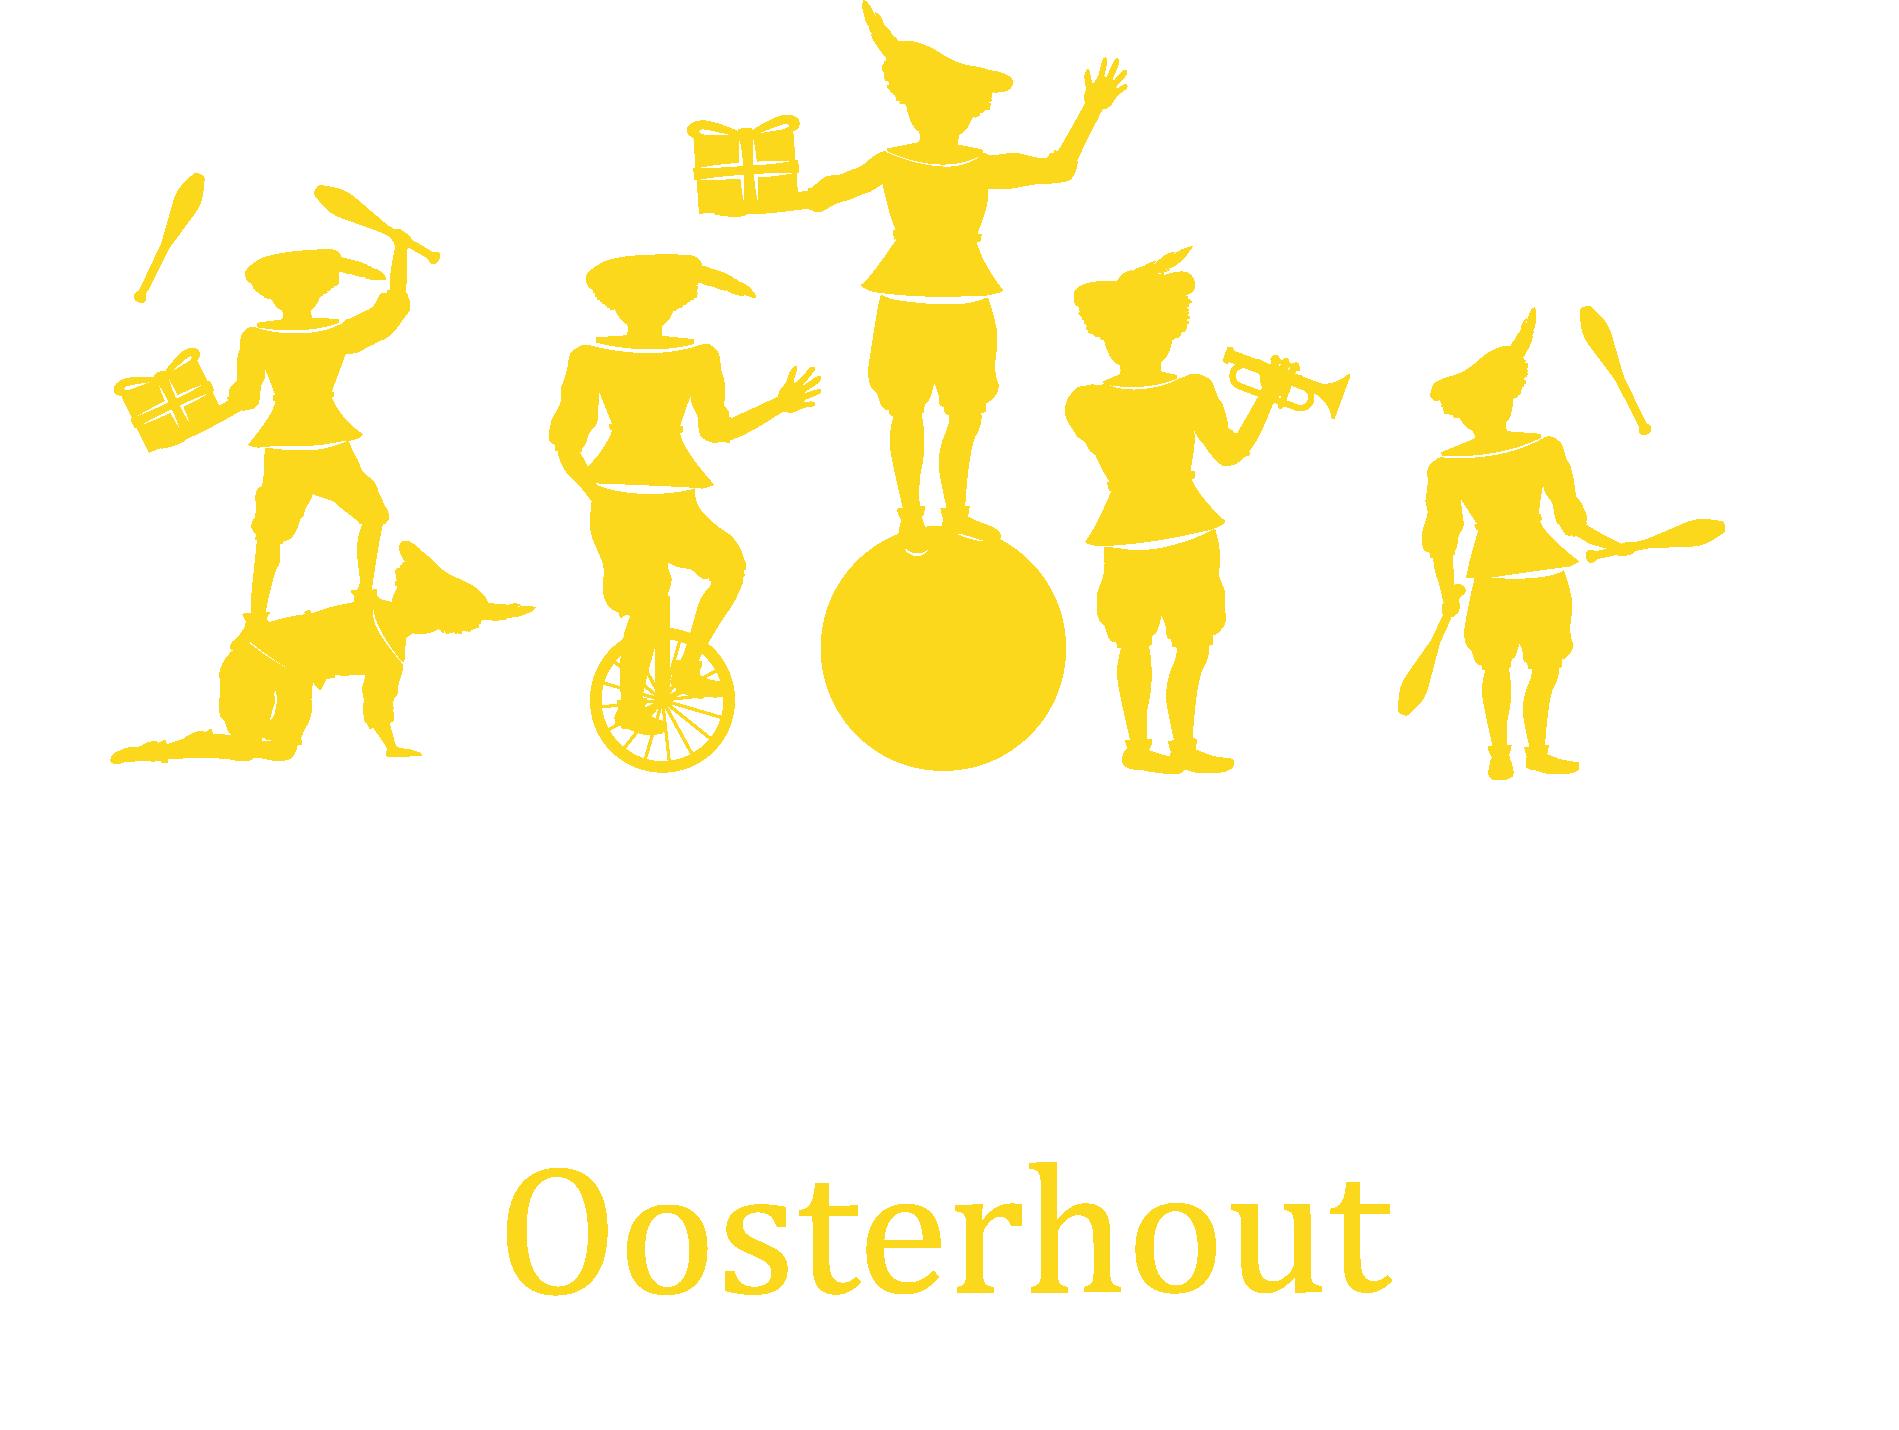 https://sinterklaasoosterhout.circuskunst.nl